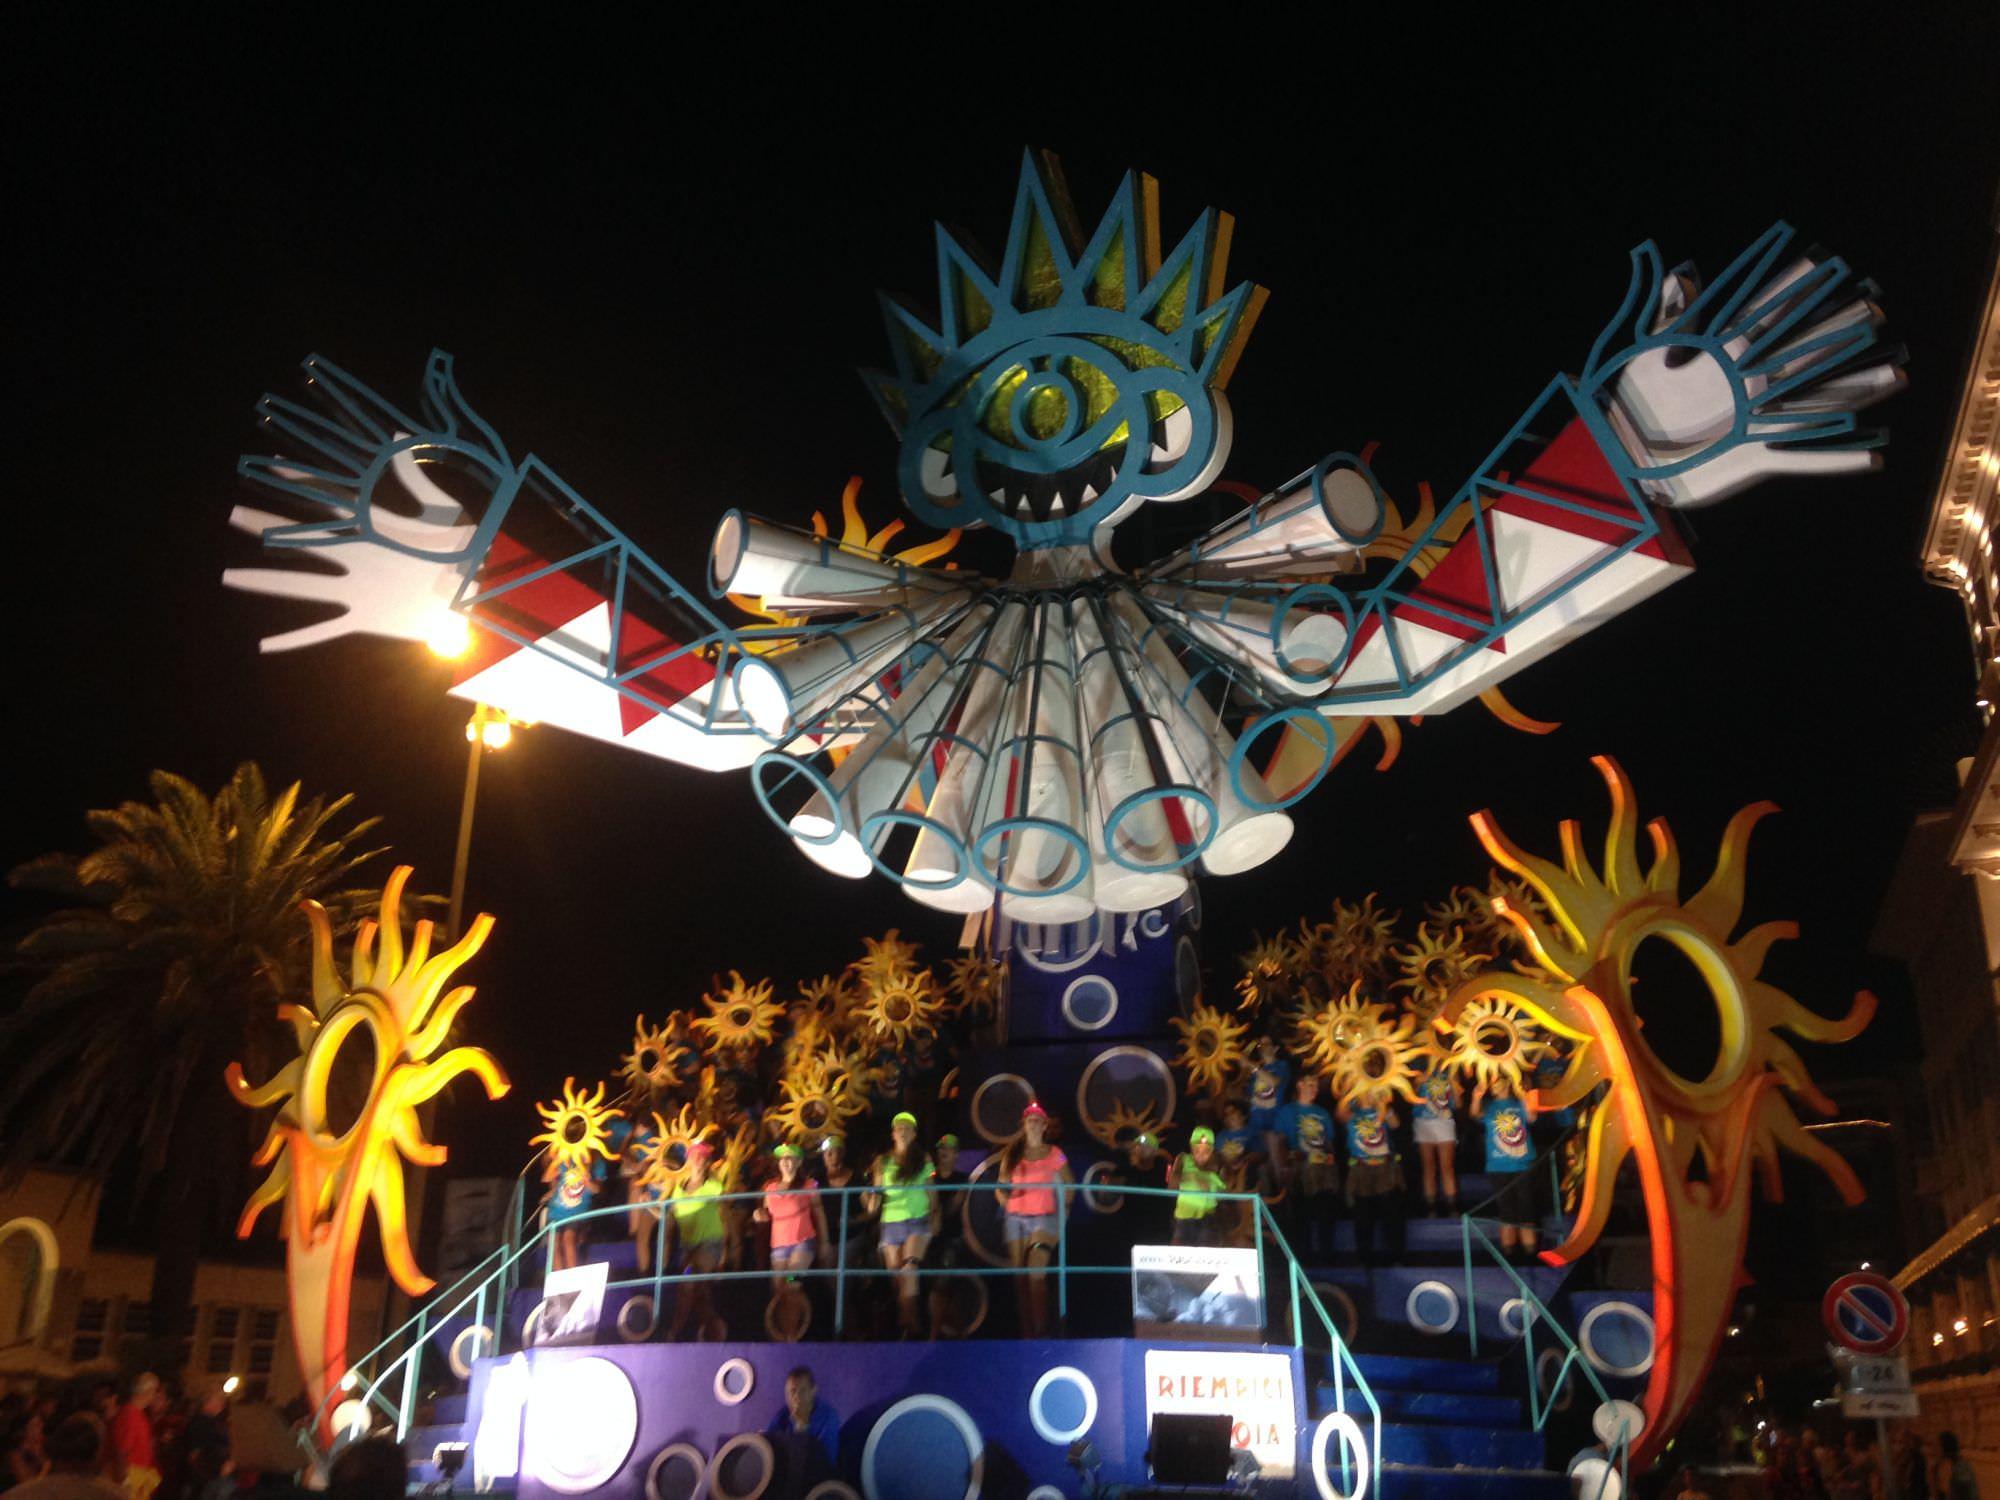 Un milione di euro per i Carnevali italiani